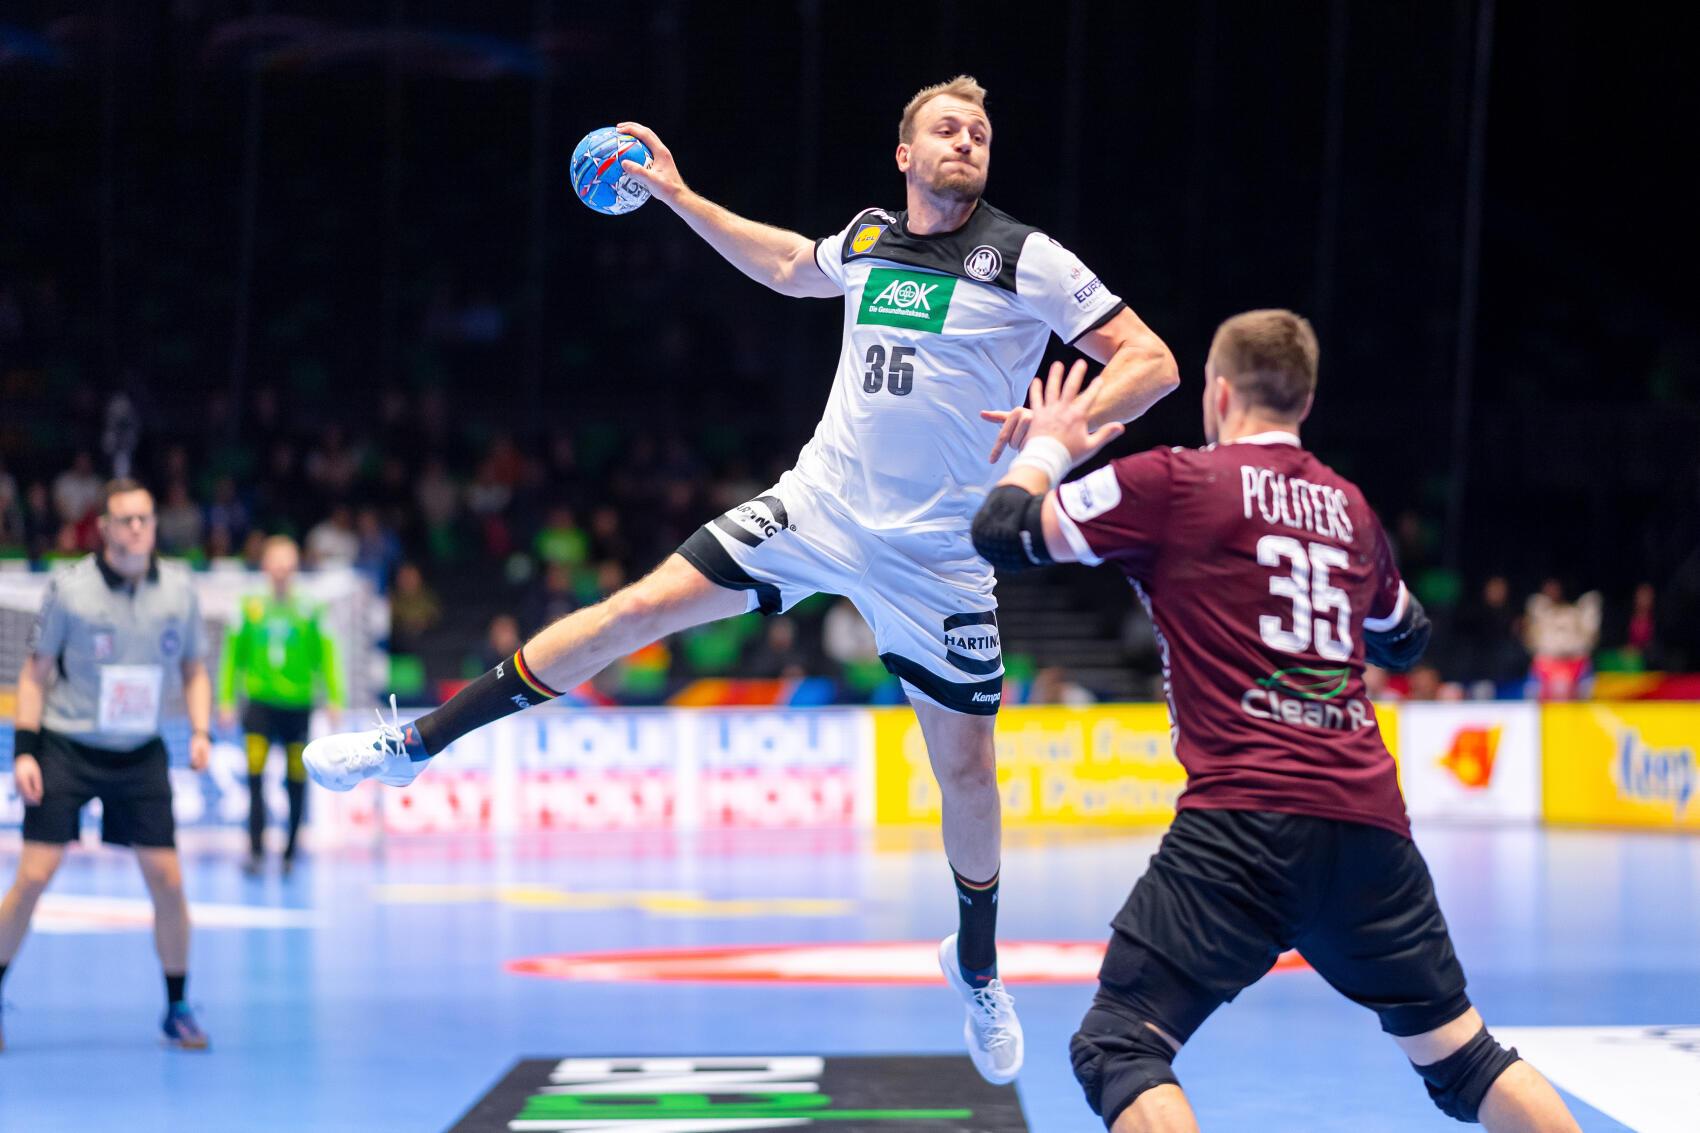 Thüringer Handball Verband